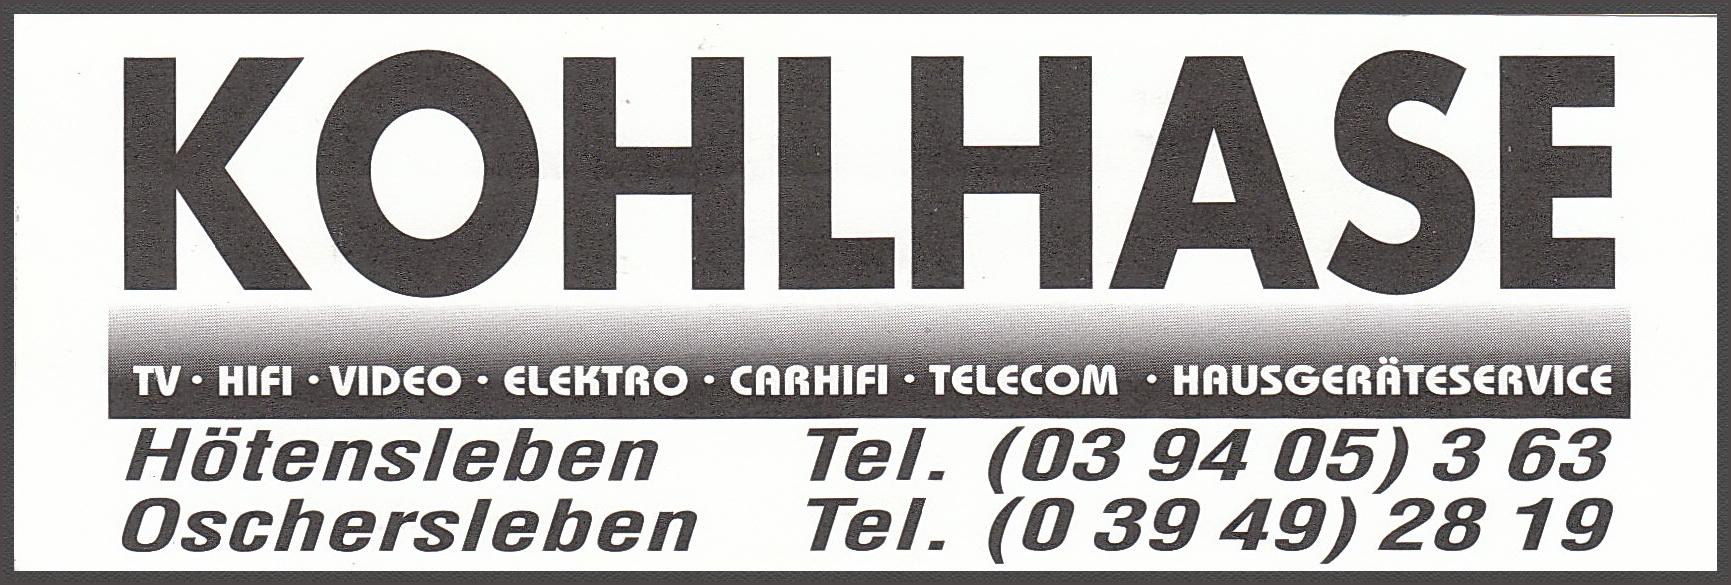 kohlhase_1